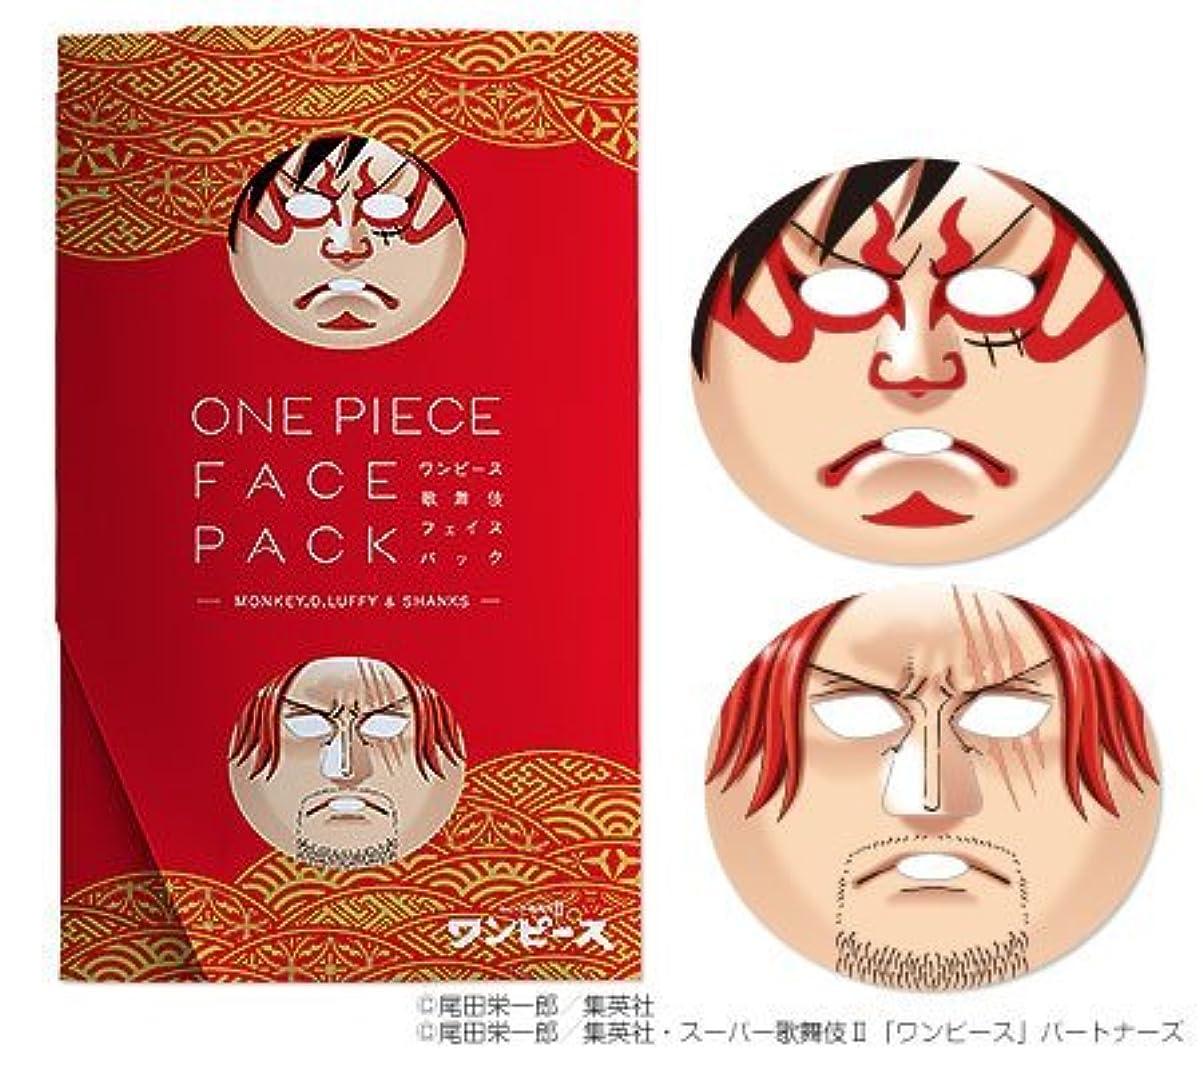 抗議過敏なアクロバットワンピース 歌舞伎 フェイスパック (モンキー.D.ルフィ&赤髪のシャンクス)